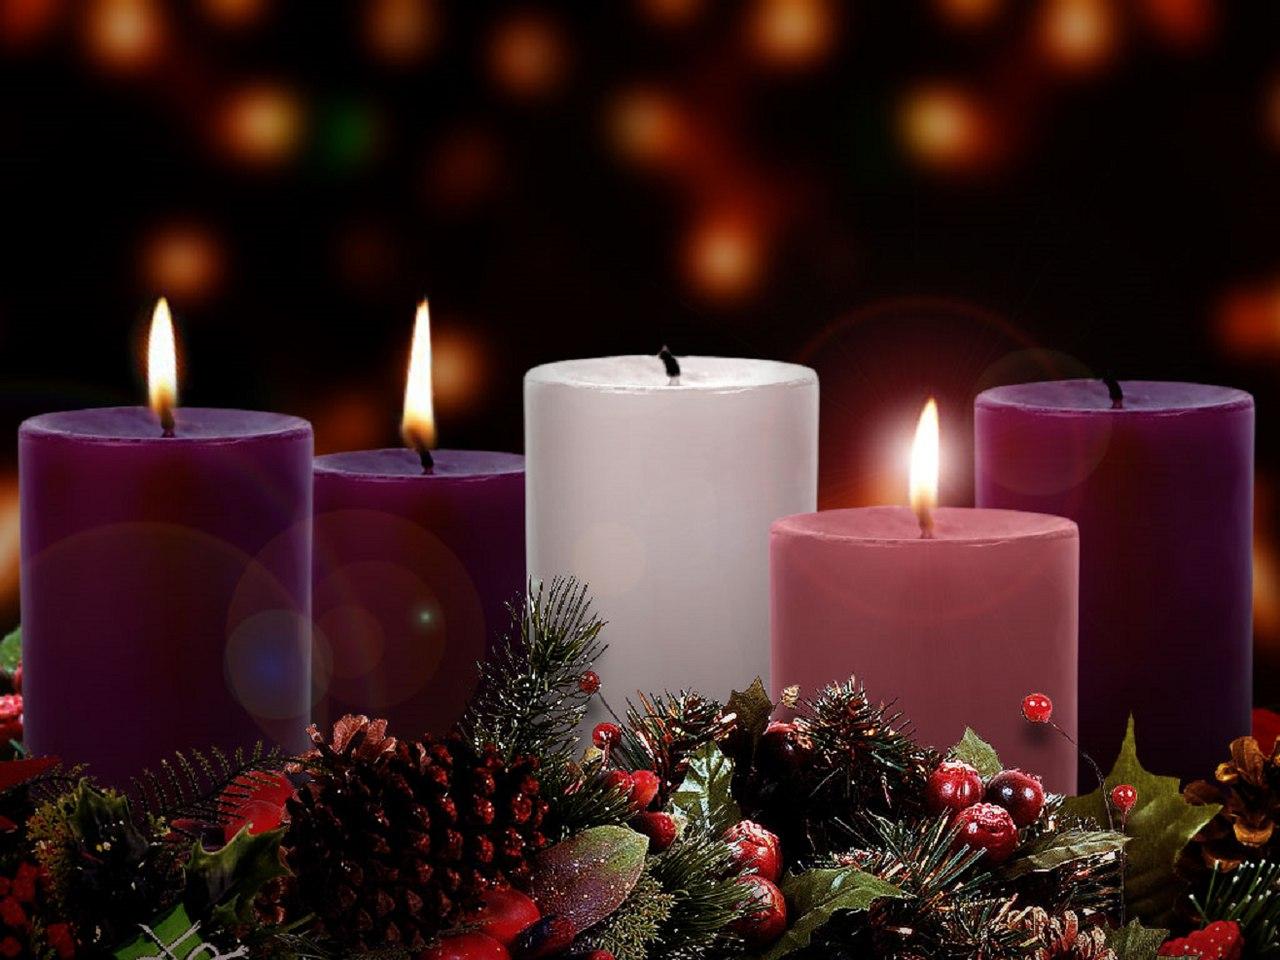 Advent lateinisch adventus Ankunft eigentlich adventus Domini lat für Ankunft des Herrn bezeichnet die Jahreszeit in der die Christenheit sich auf das